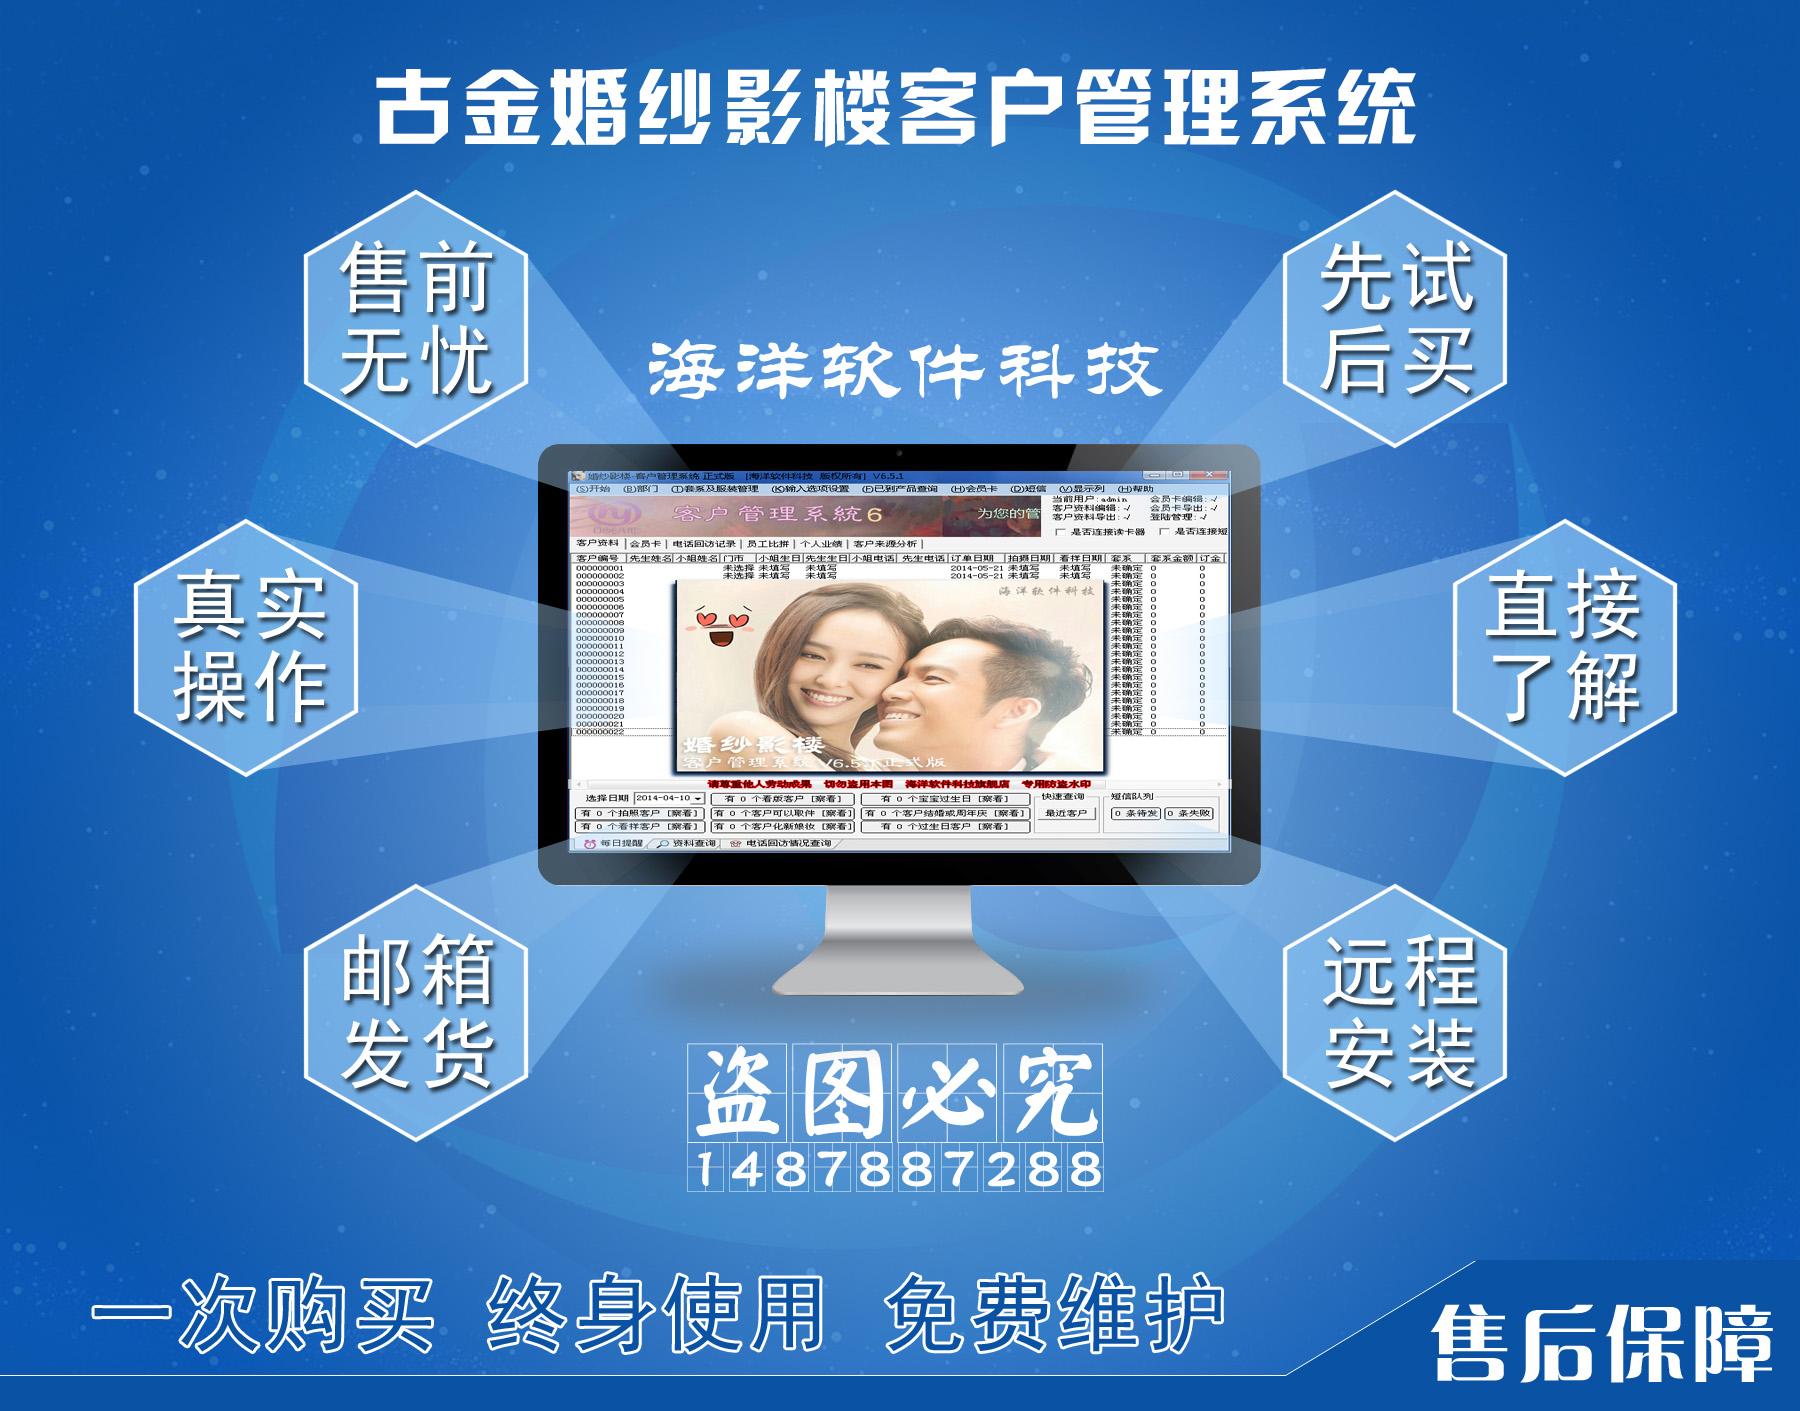 Управление клиентами свадебной фотостудии система V6.51 версия Информация о клиентской информации до и после напоминания о программном обеспечении для управления